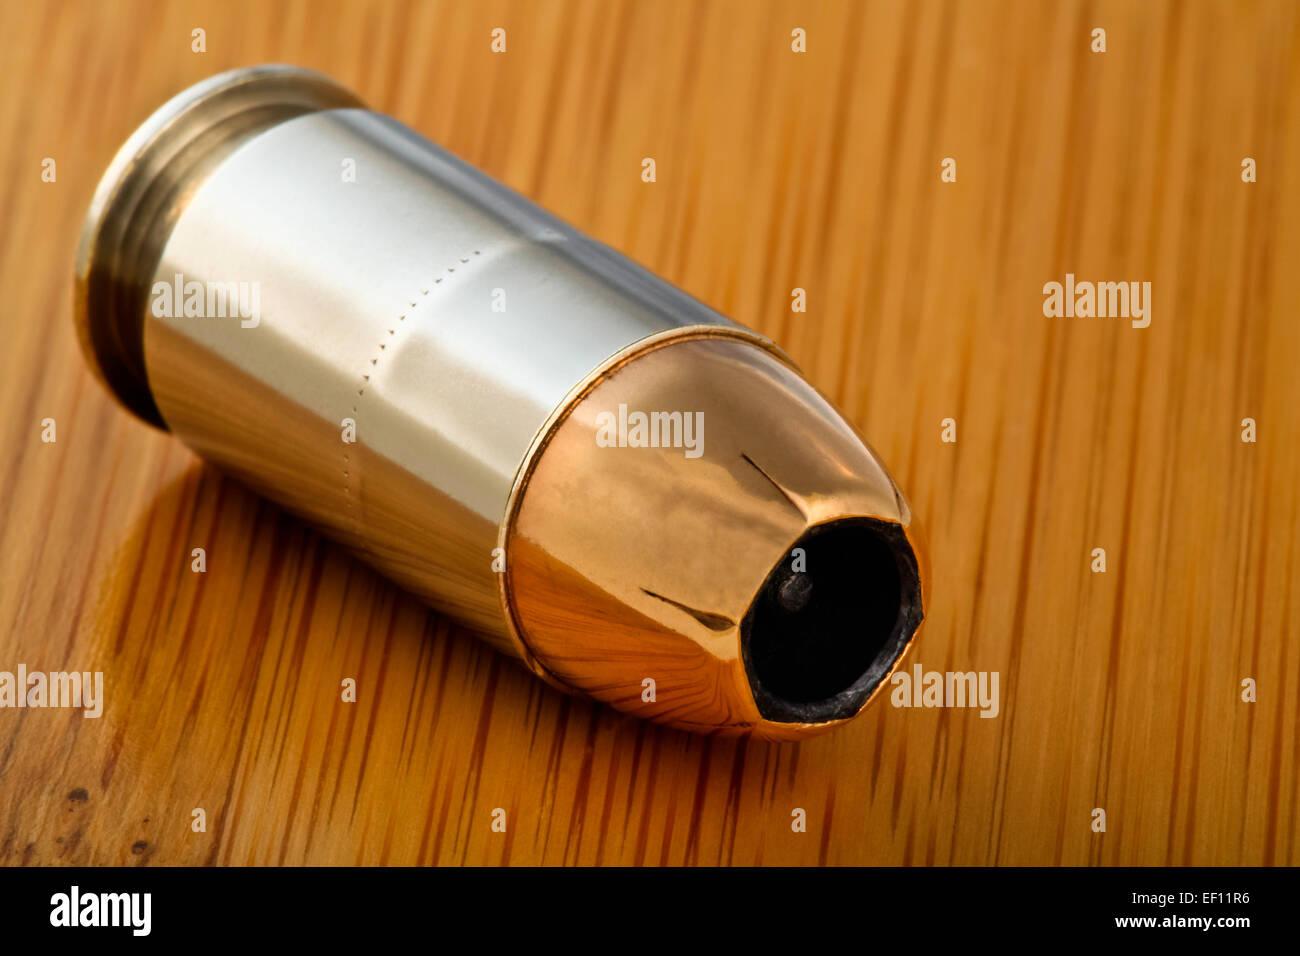 Hollow Point Bullet Stockfotos und  bilder Kaufen   Alamy